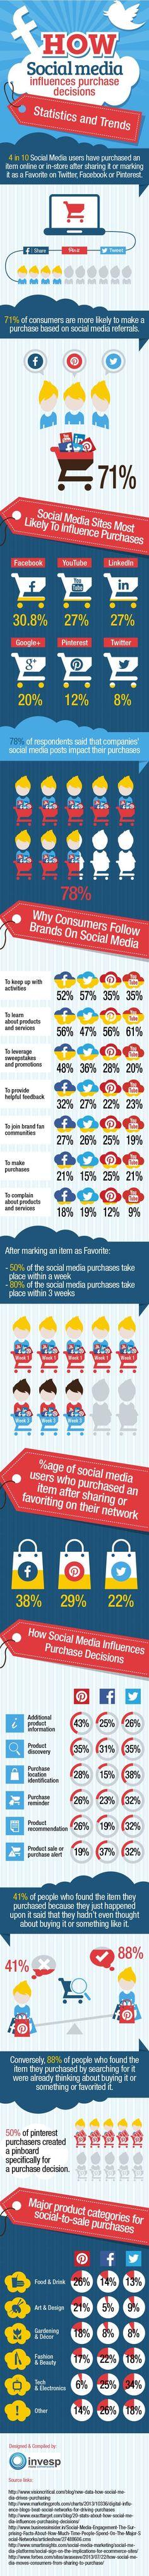 infografica social media http://www.digital-coach.it/2014/uncategorized/infografica-su-social-media-e-decisioni-di-acquisto/